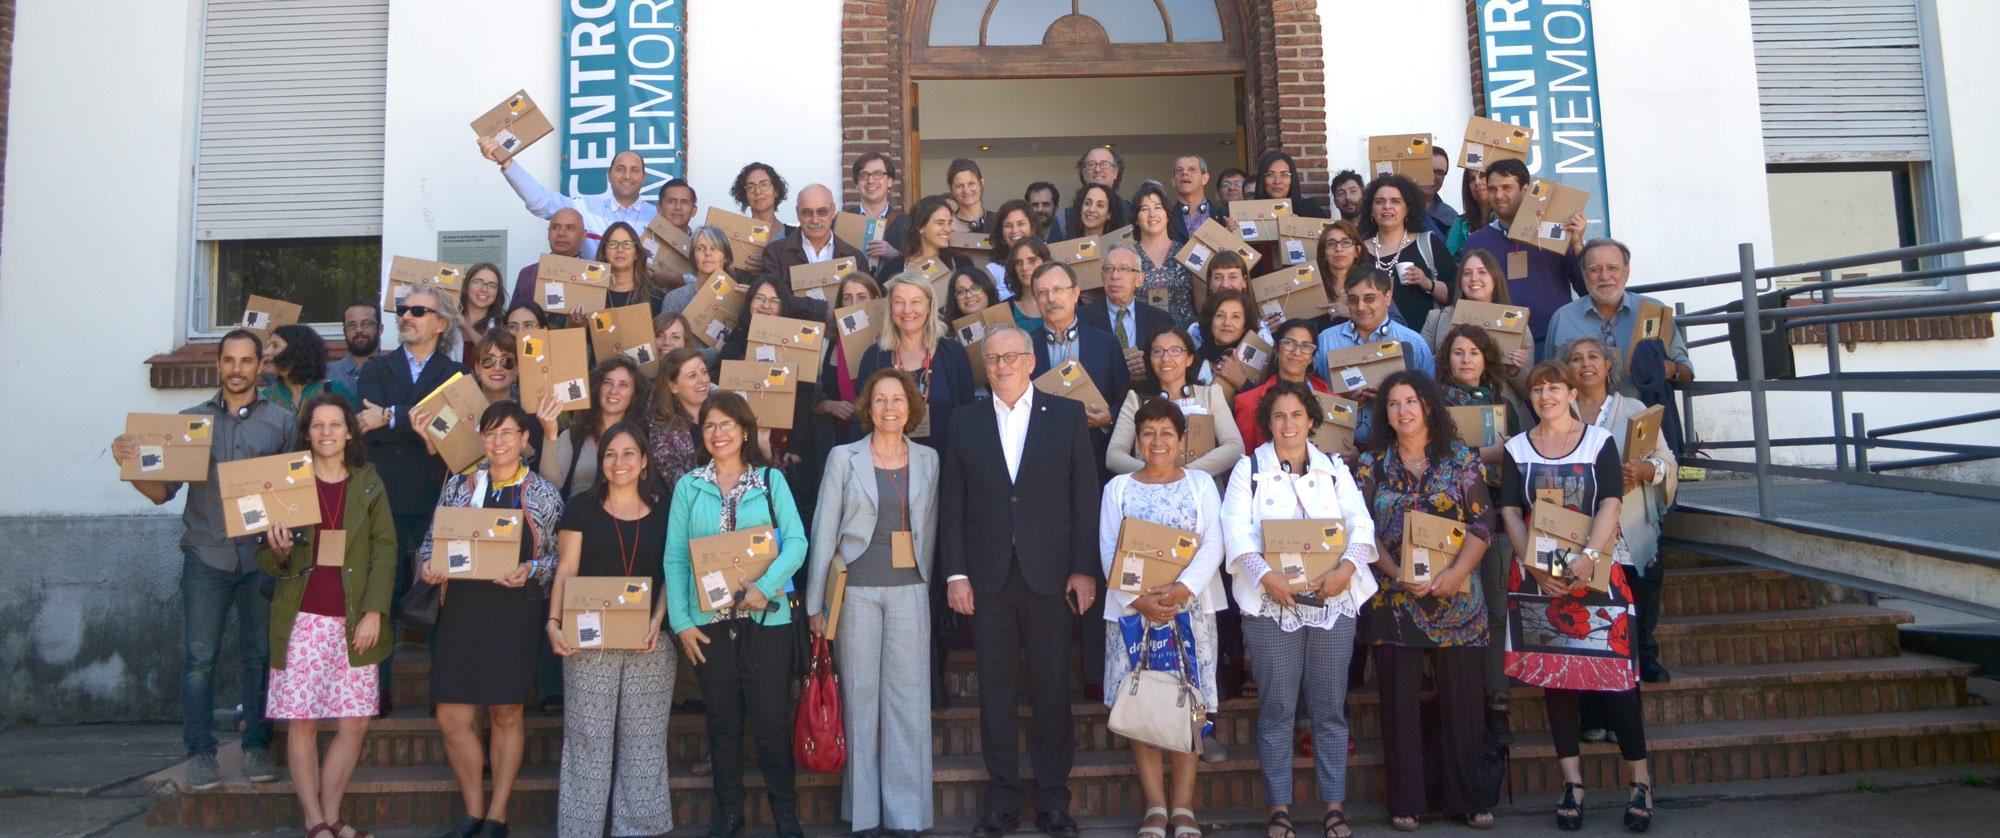 Los casi 100 Participantes de la Conferencia posan parar la foto en la escalera de entrada del Centro Cultural de la Memoria Haroldo Conti